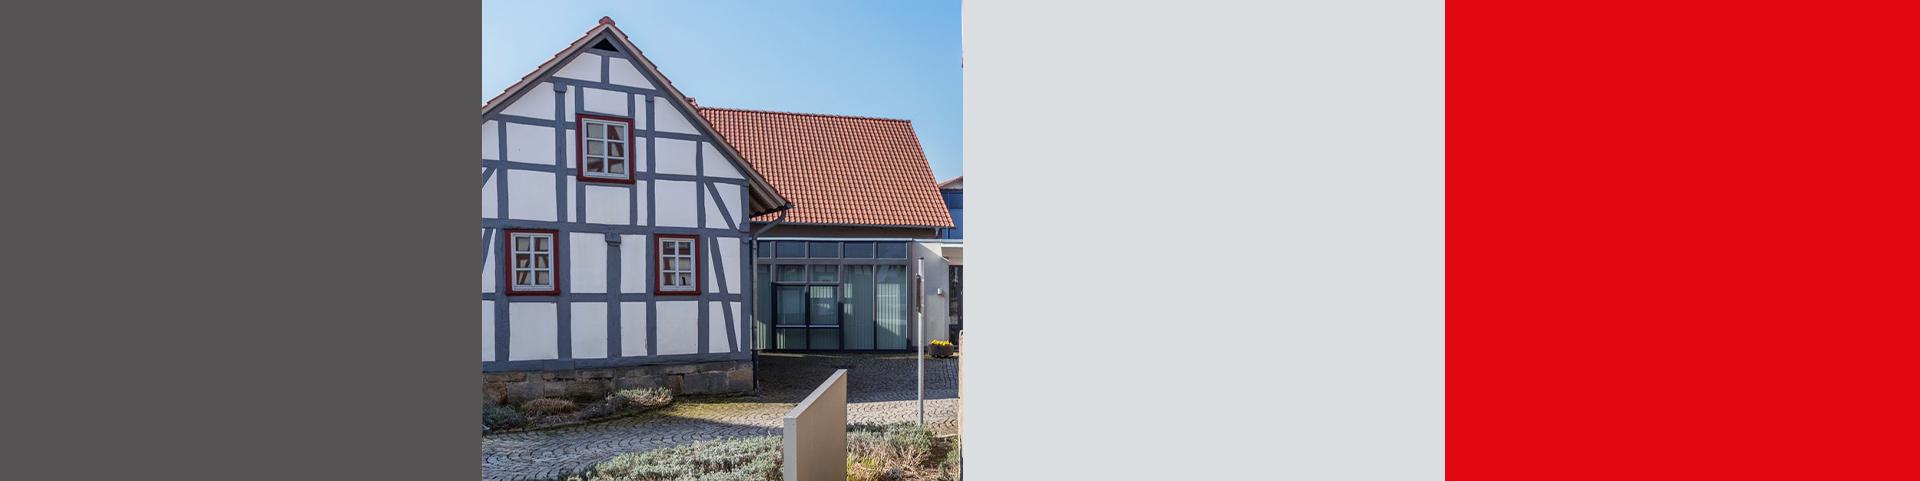 Baukultur in Hessen